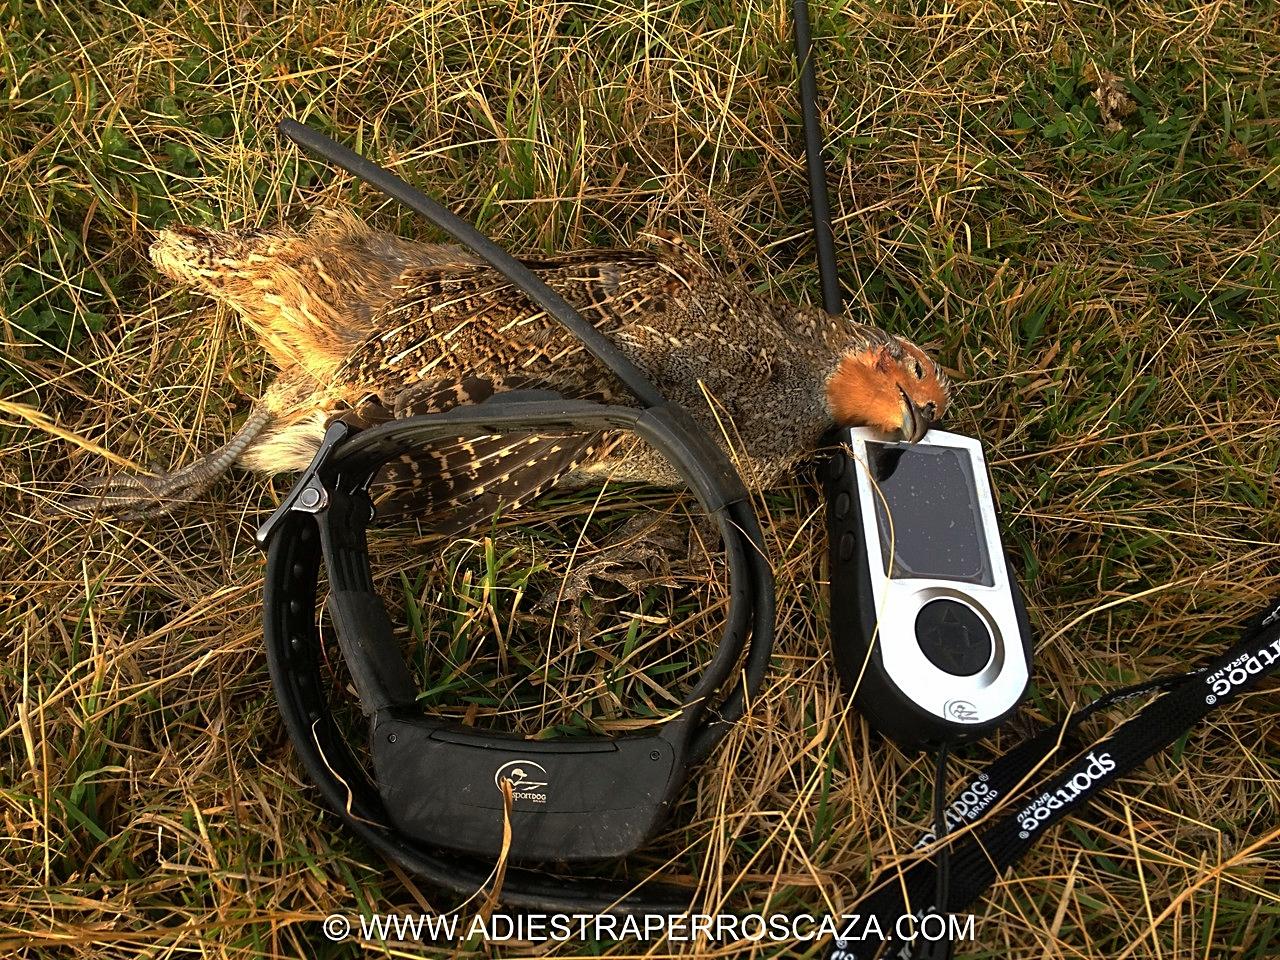 Utilizamos este collar localizador/GPS de Spordog distribuido por Ibañez/sección caza